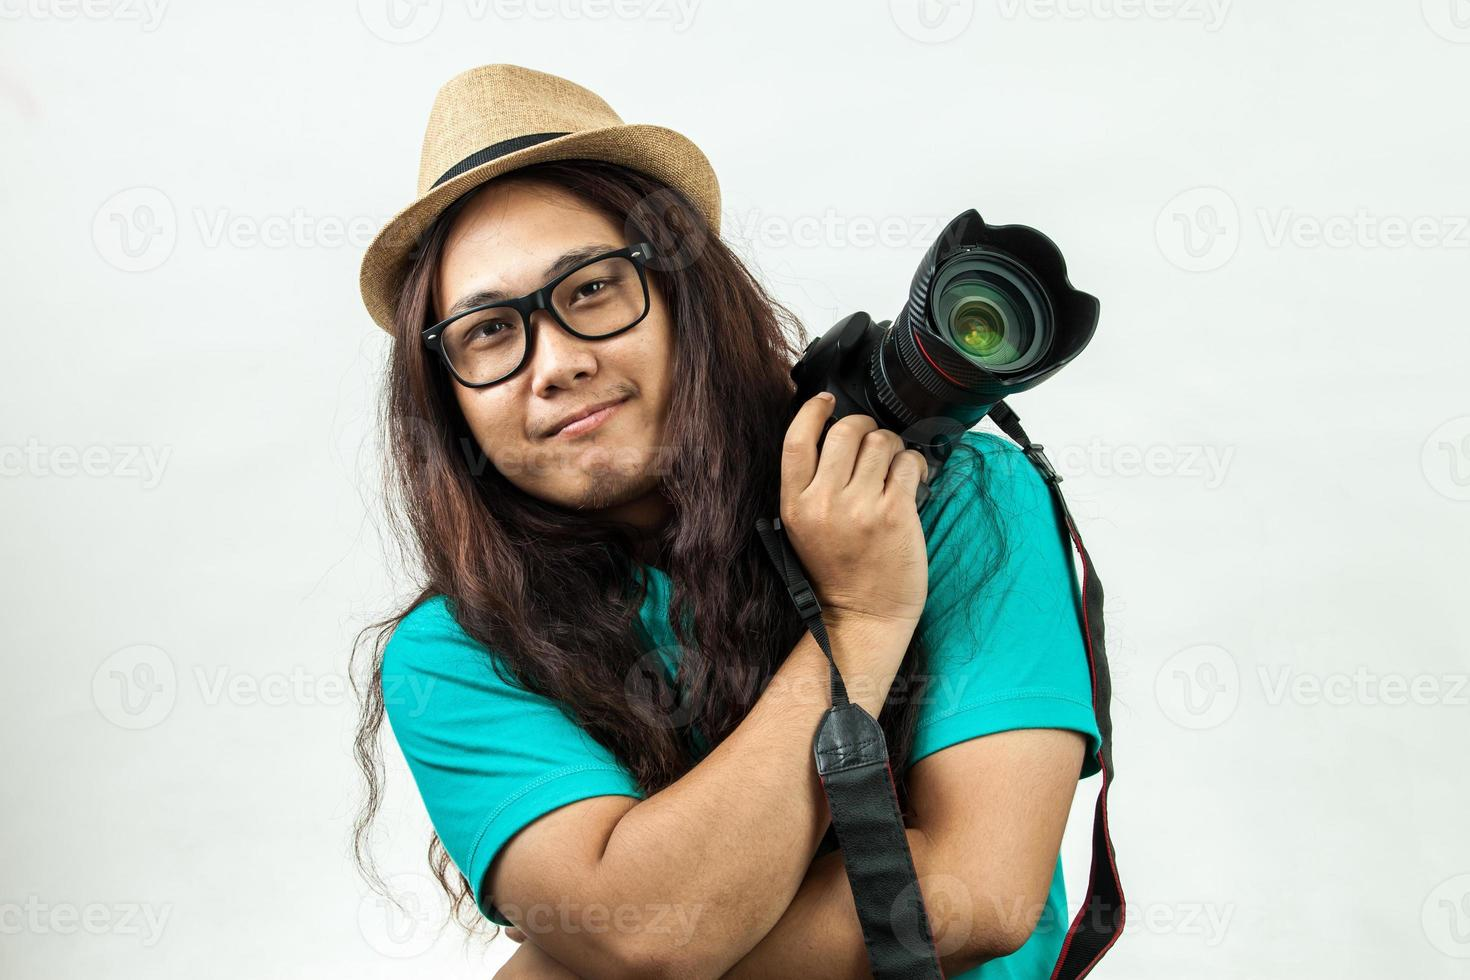 asiatisk fotograf foto